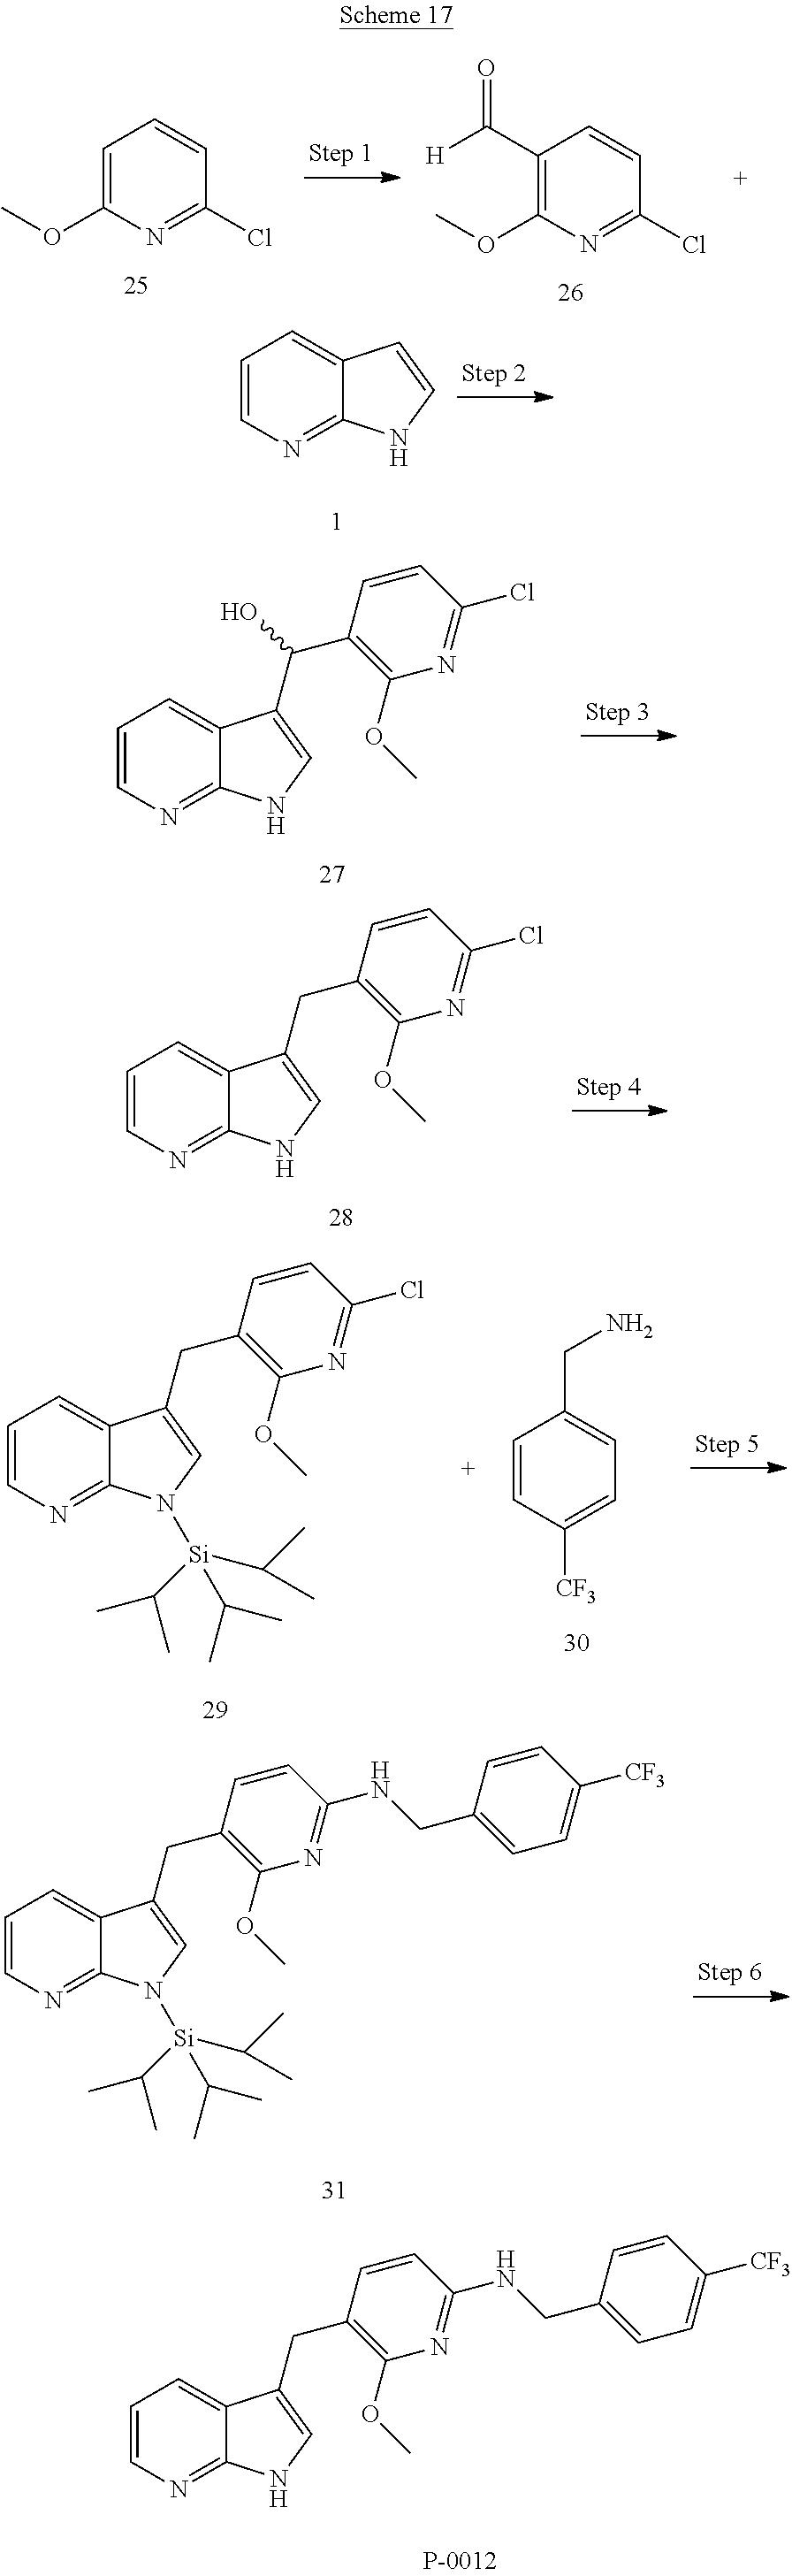 Figure US20110166174A1-20110707-C00075